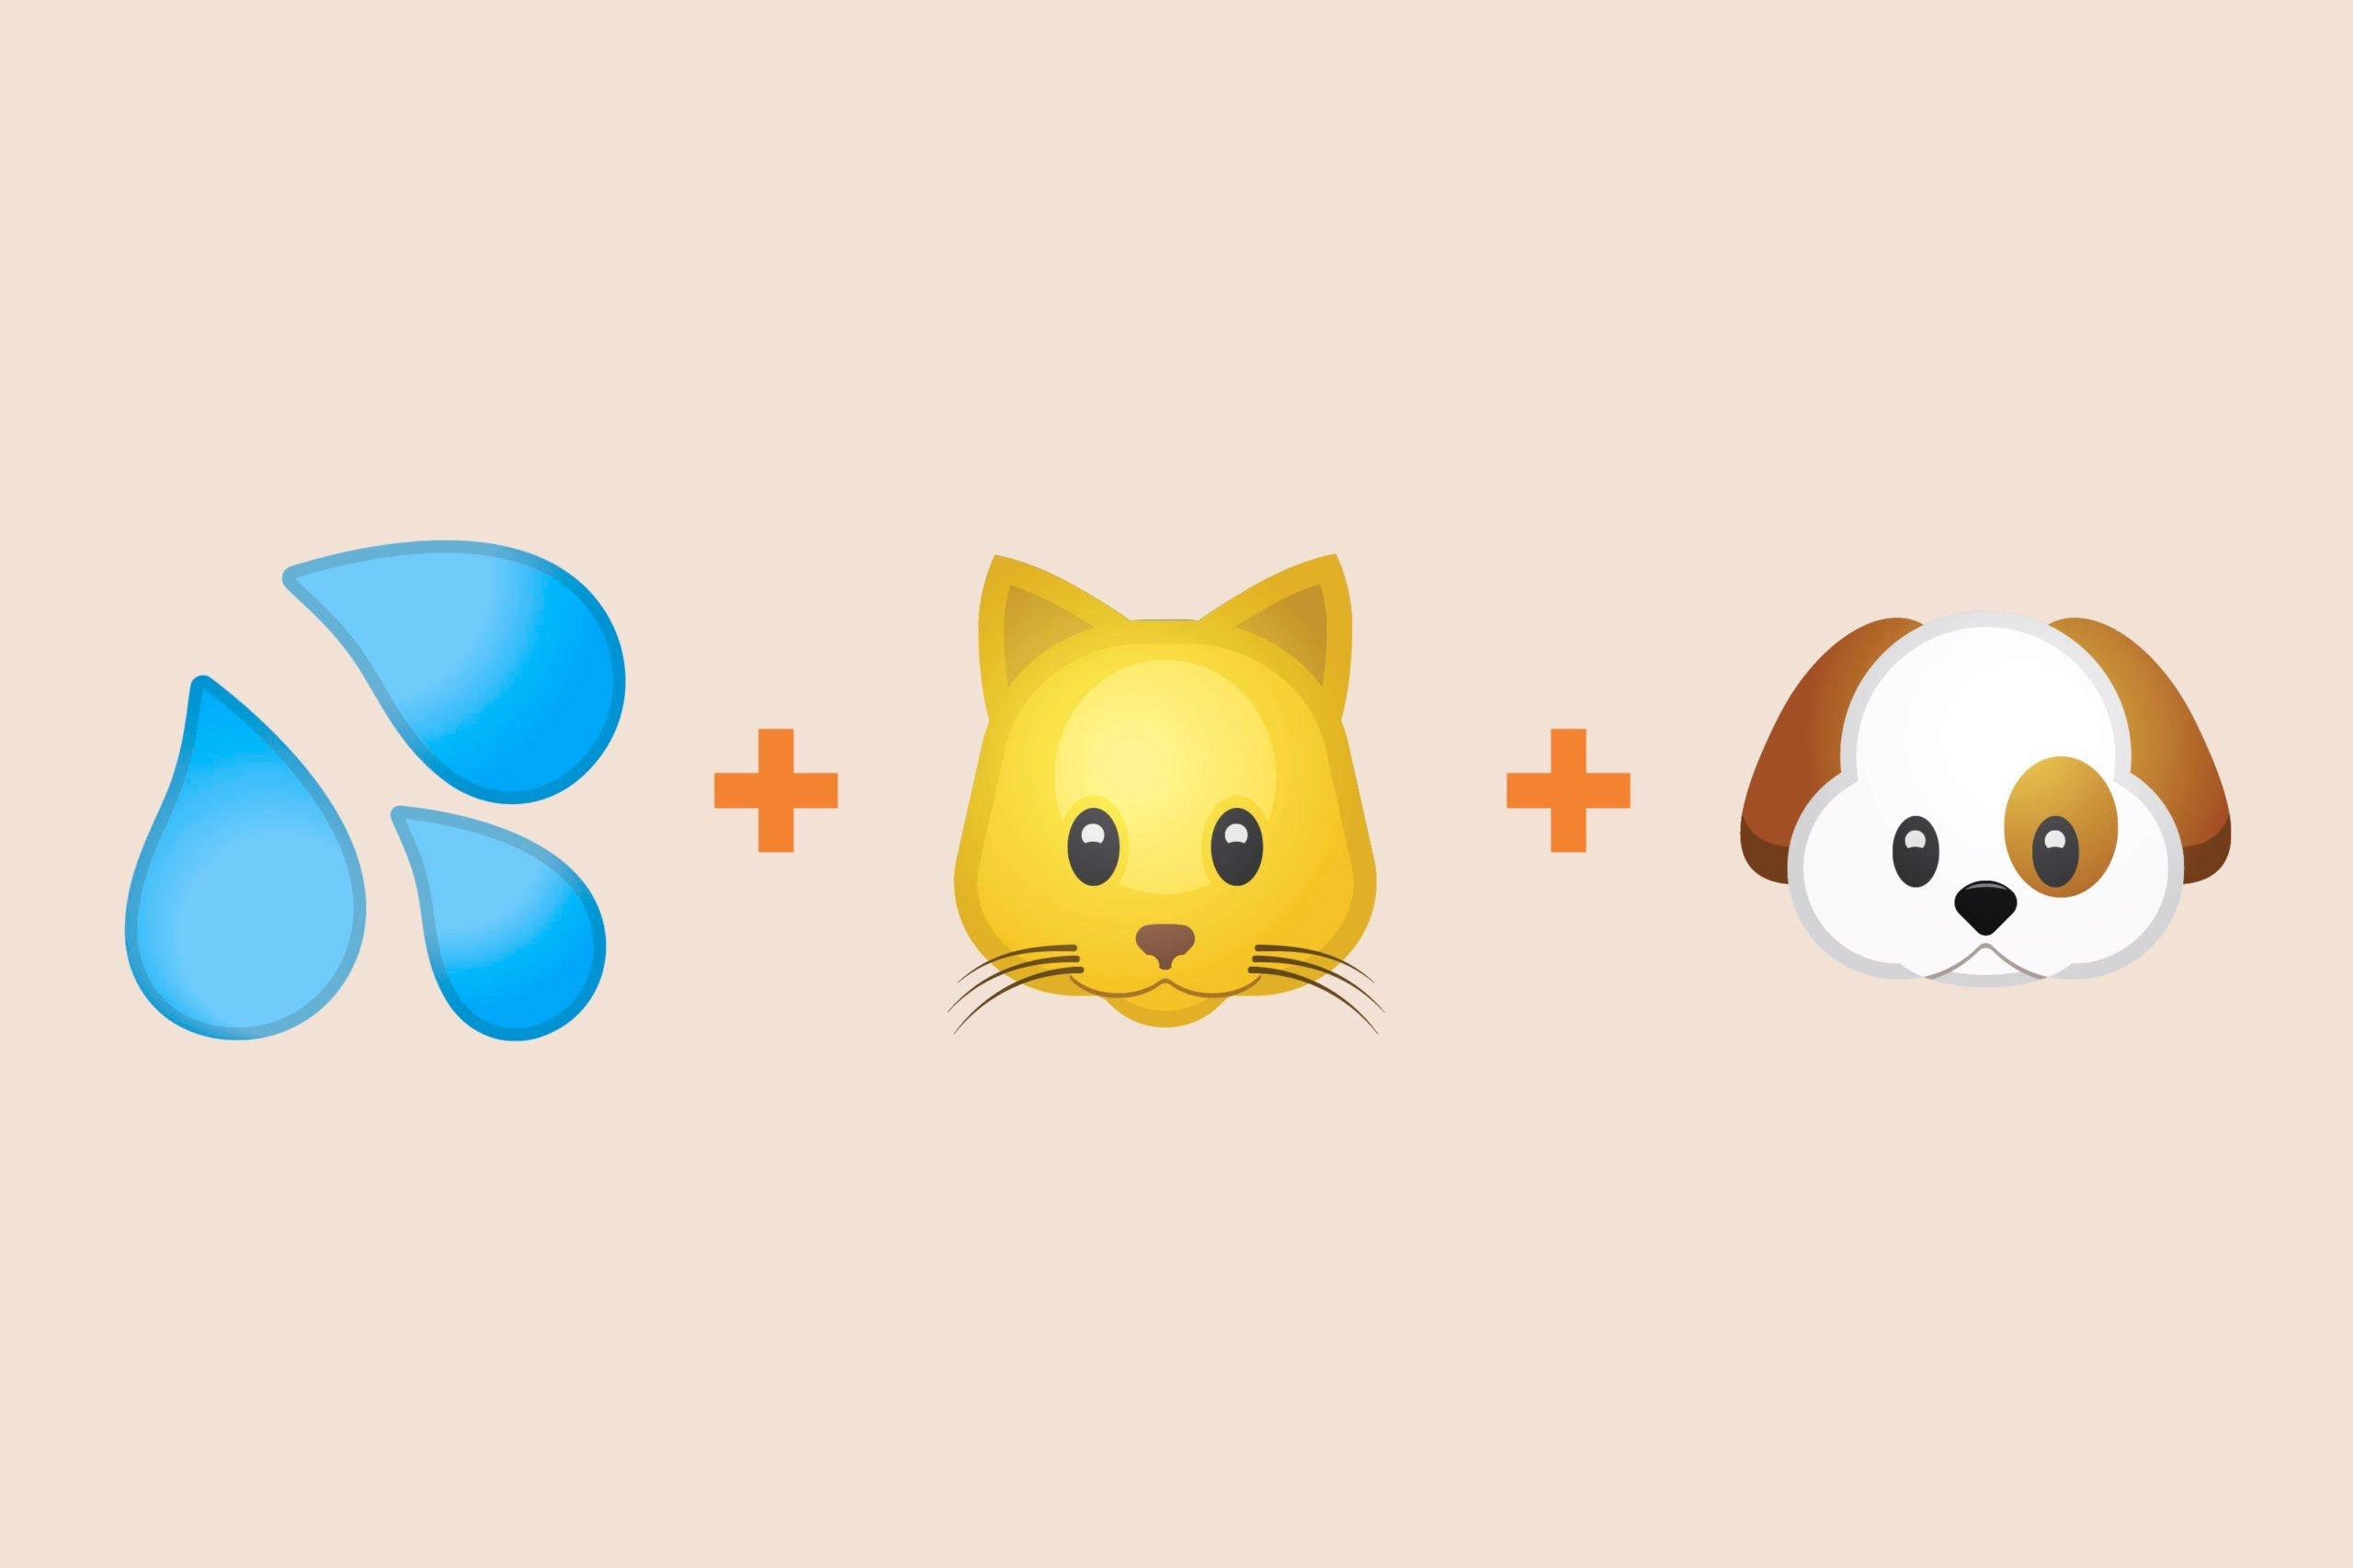 Rain emoji + cat emoji + dog emoji